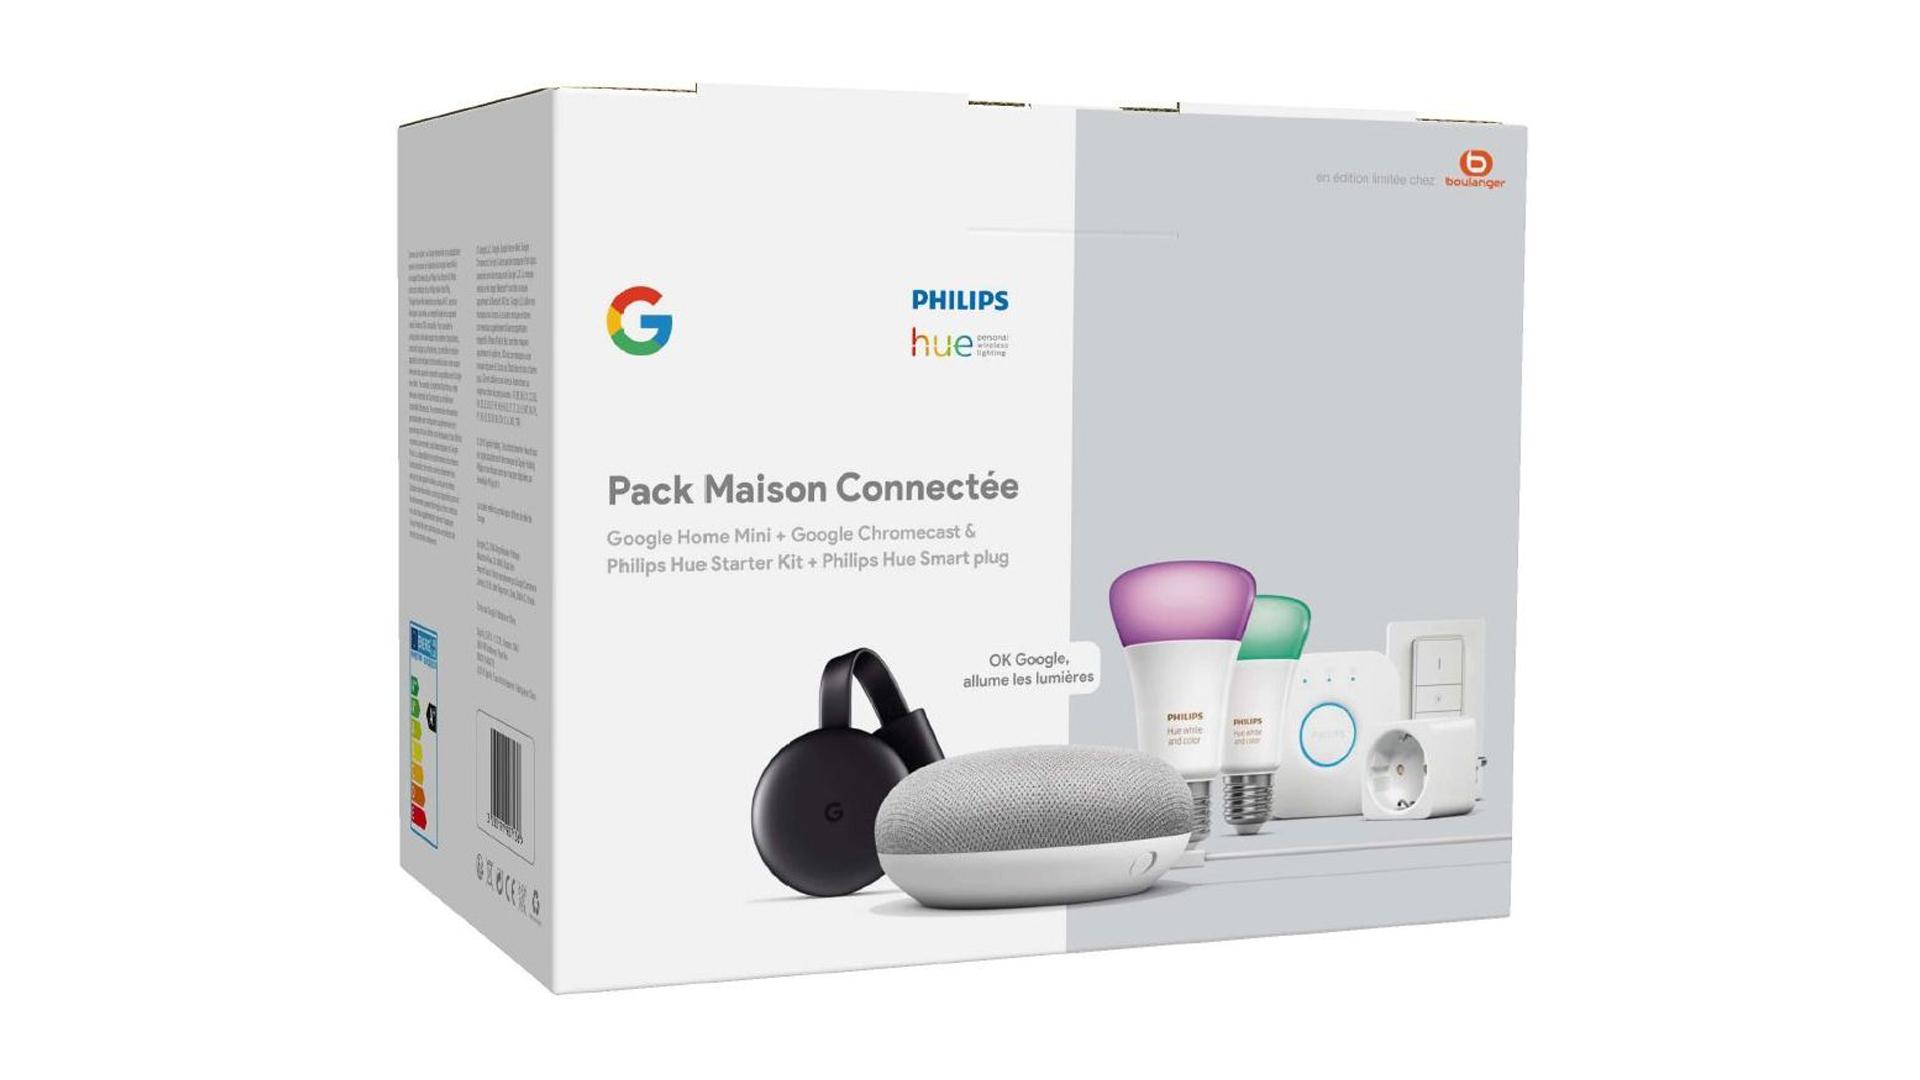 Connectez votre maison avec le pack Philips Hue / Google Home à 219 euros